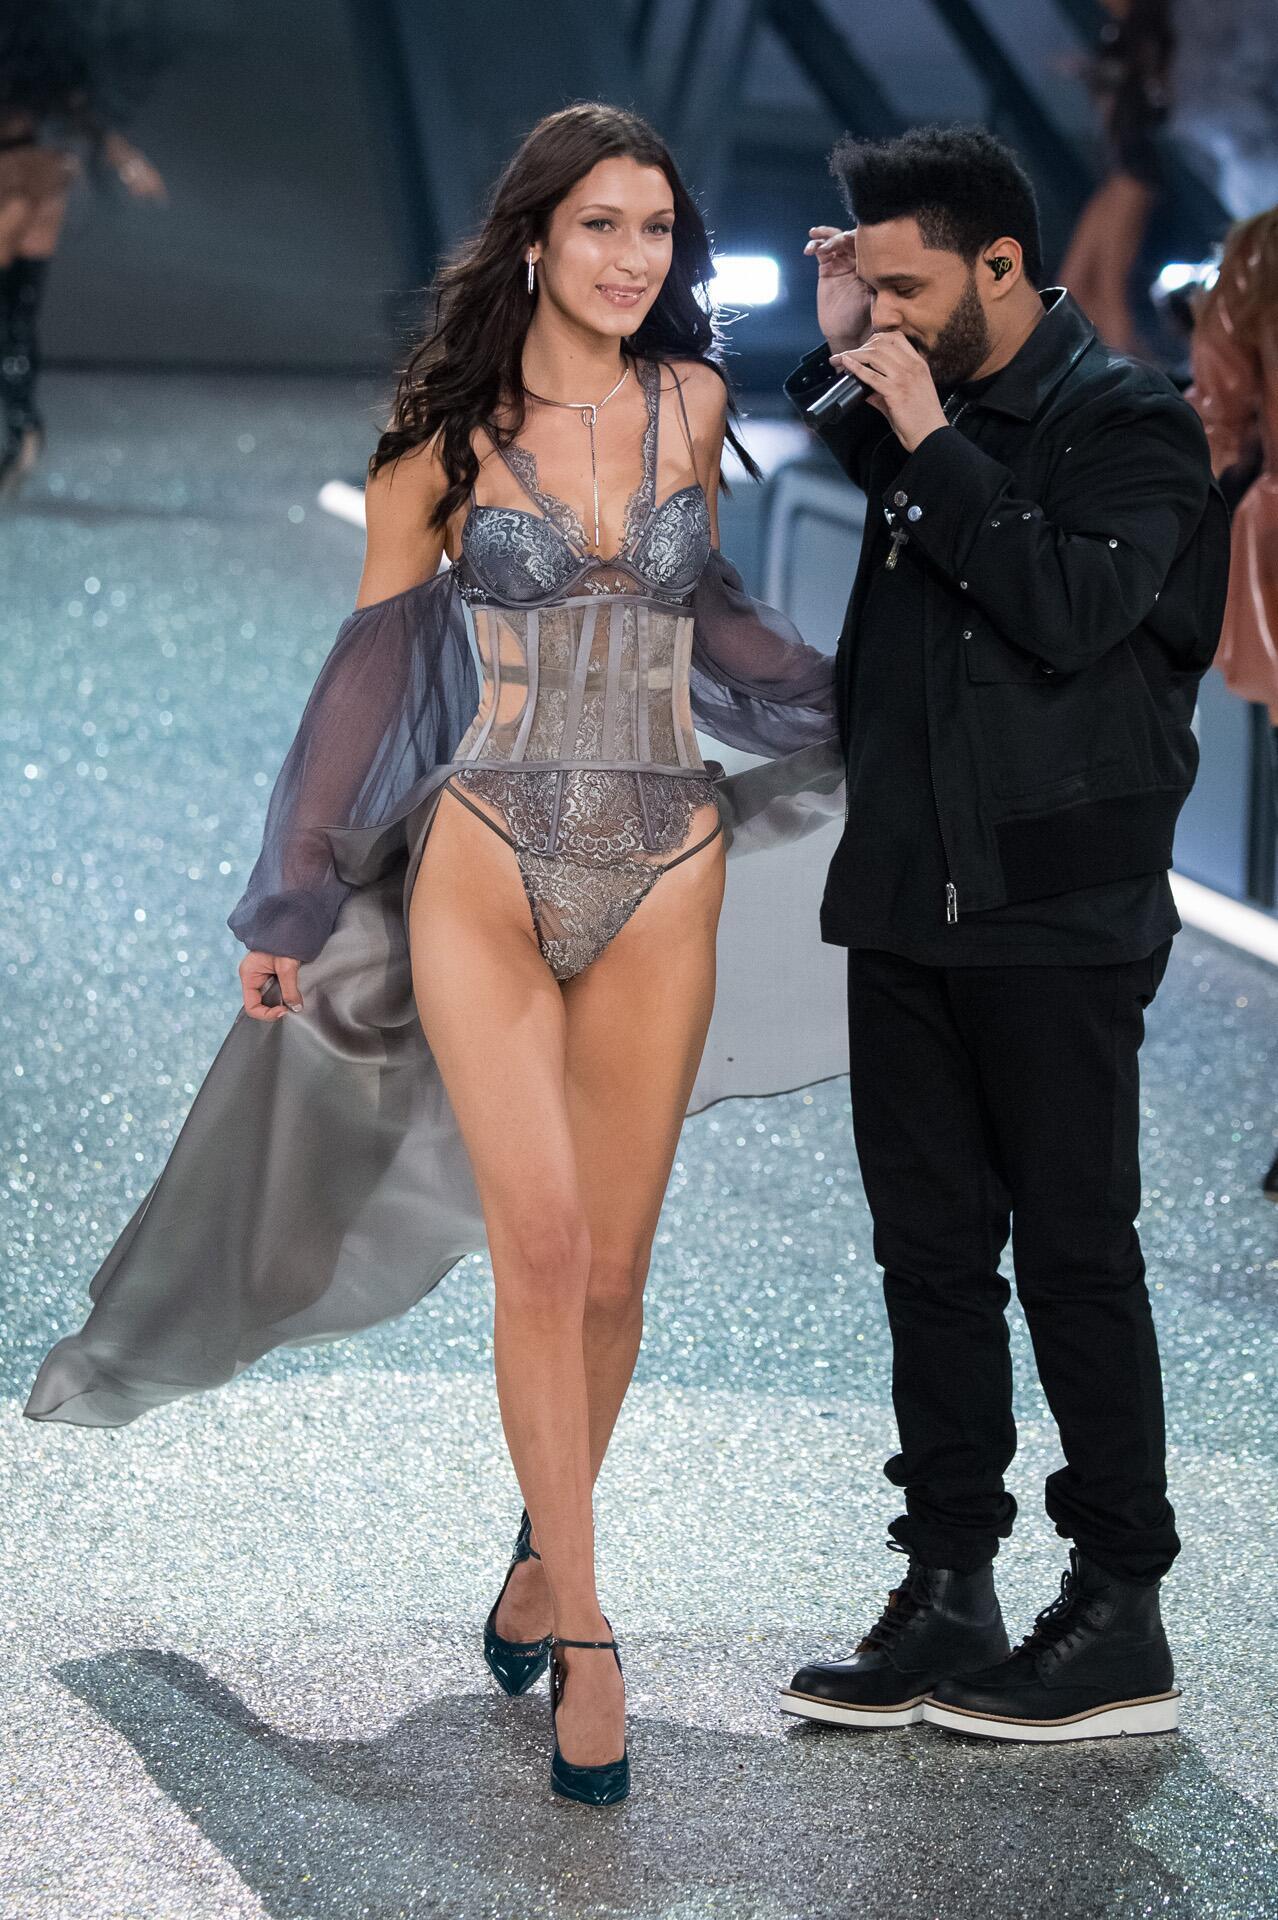 Bild zu Victoria's Secret, Paris 2016, Catwalk, Bella Hadid, Weeknd